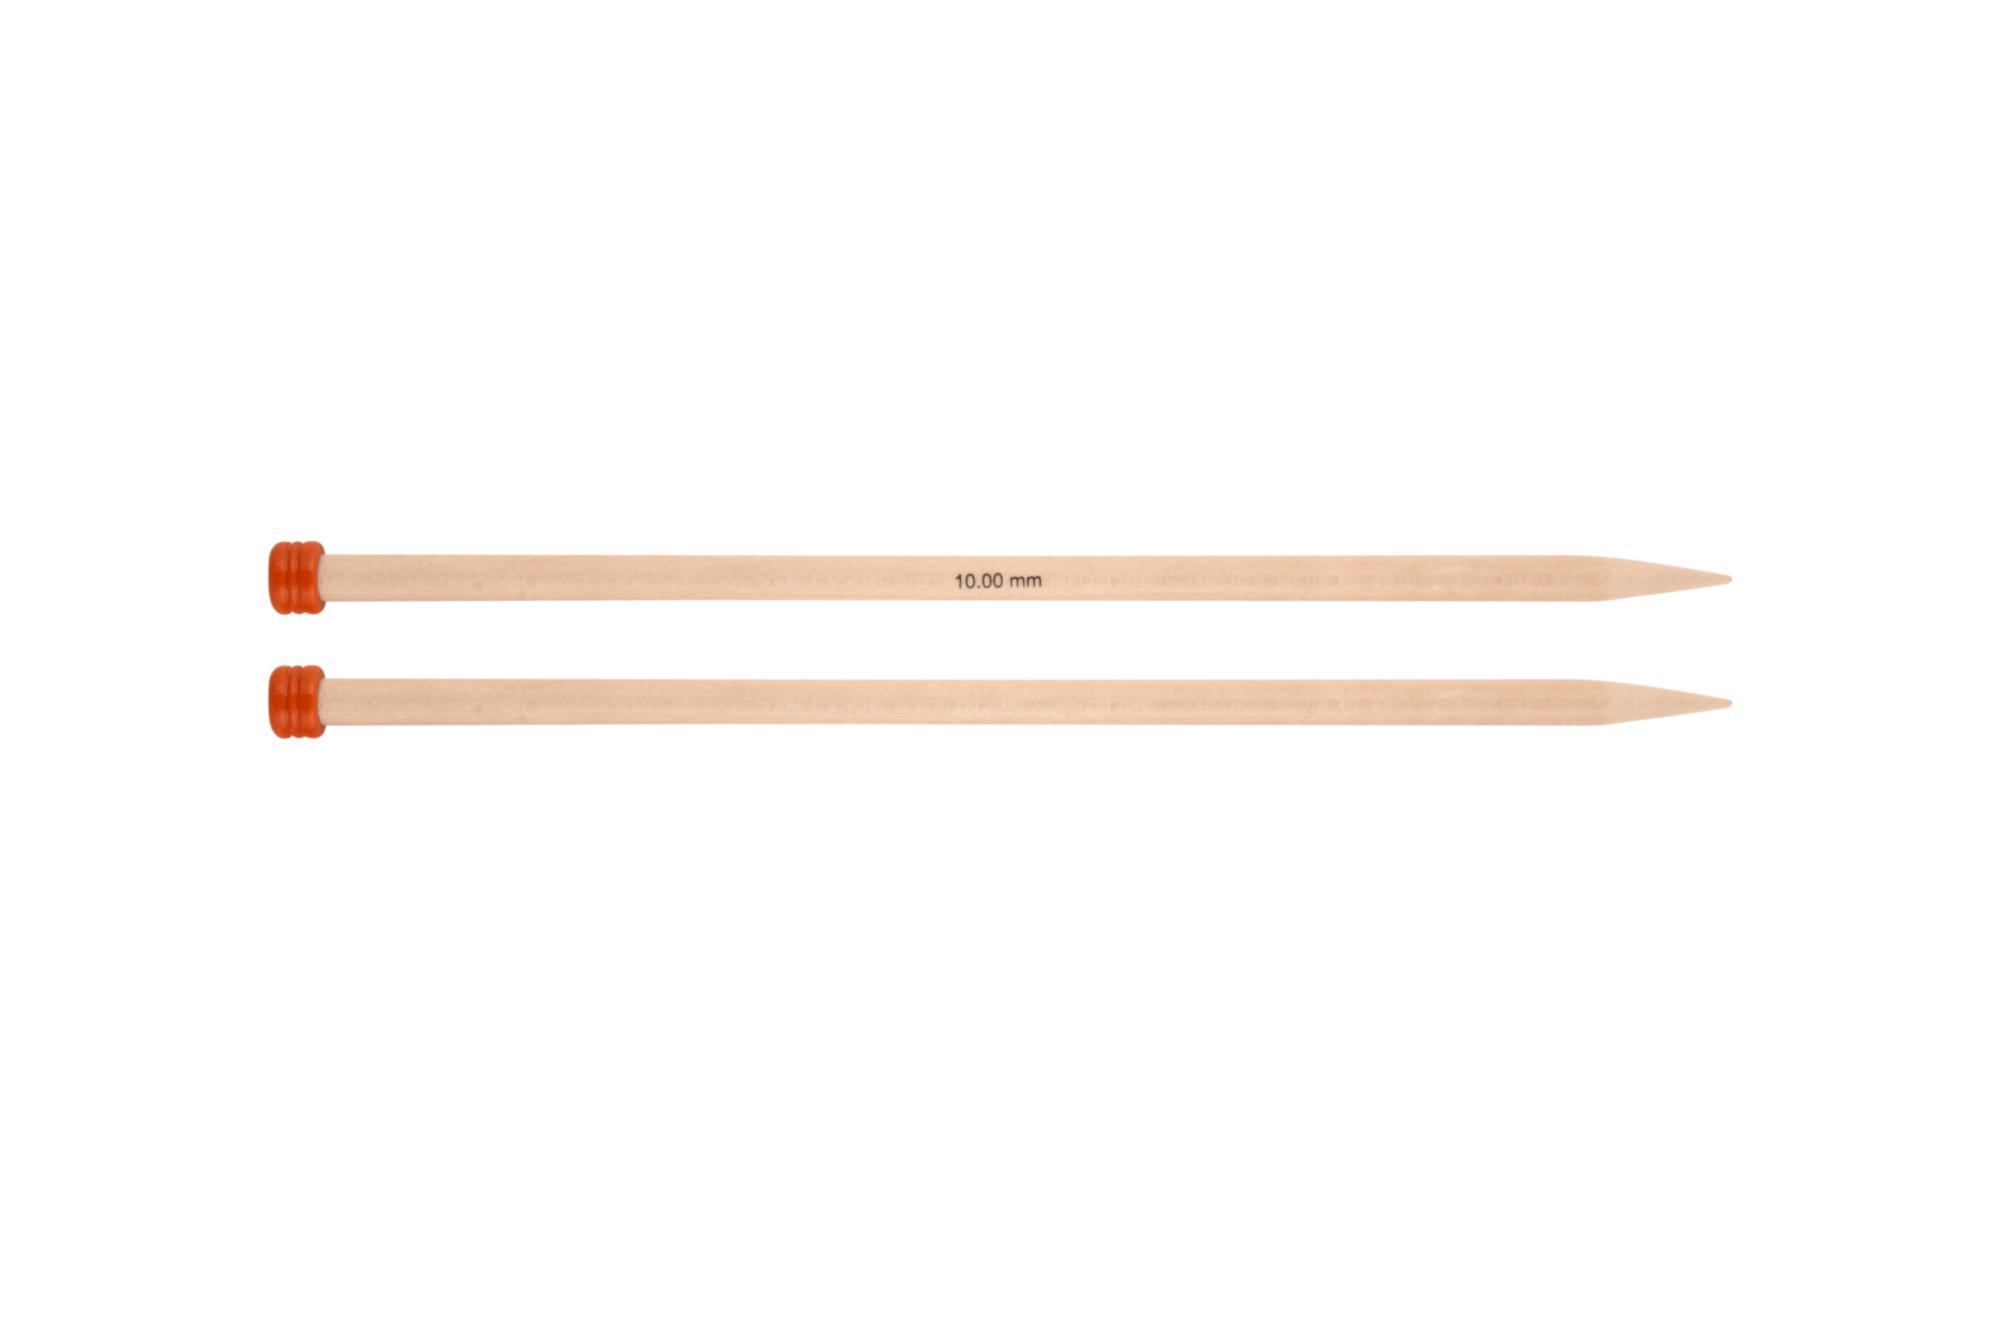 Спицы прямые 25 см Basix Birch Wood KnitPro, 35212, 10.00 мм